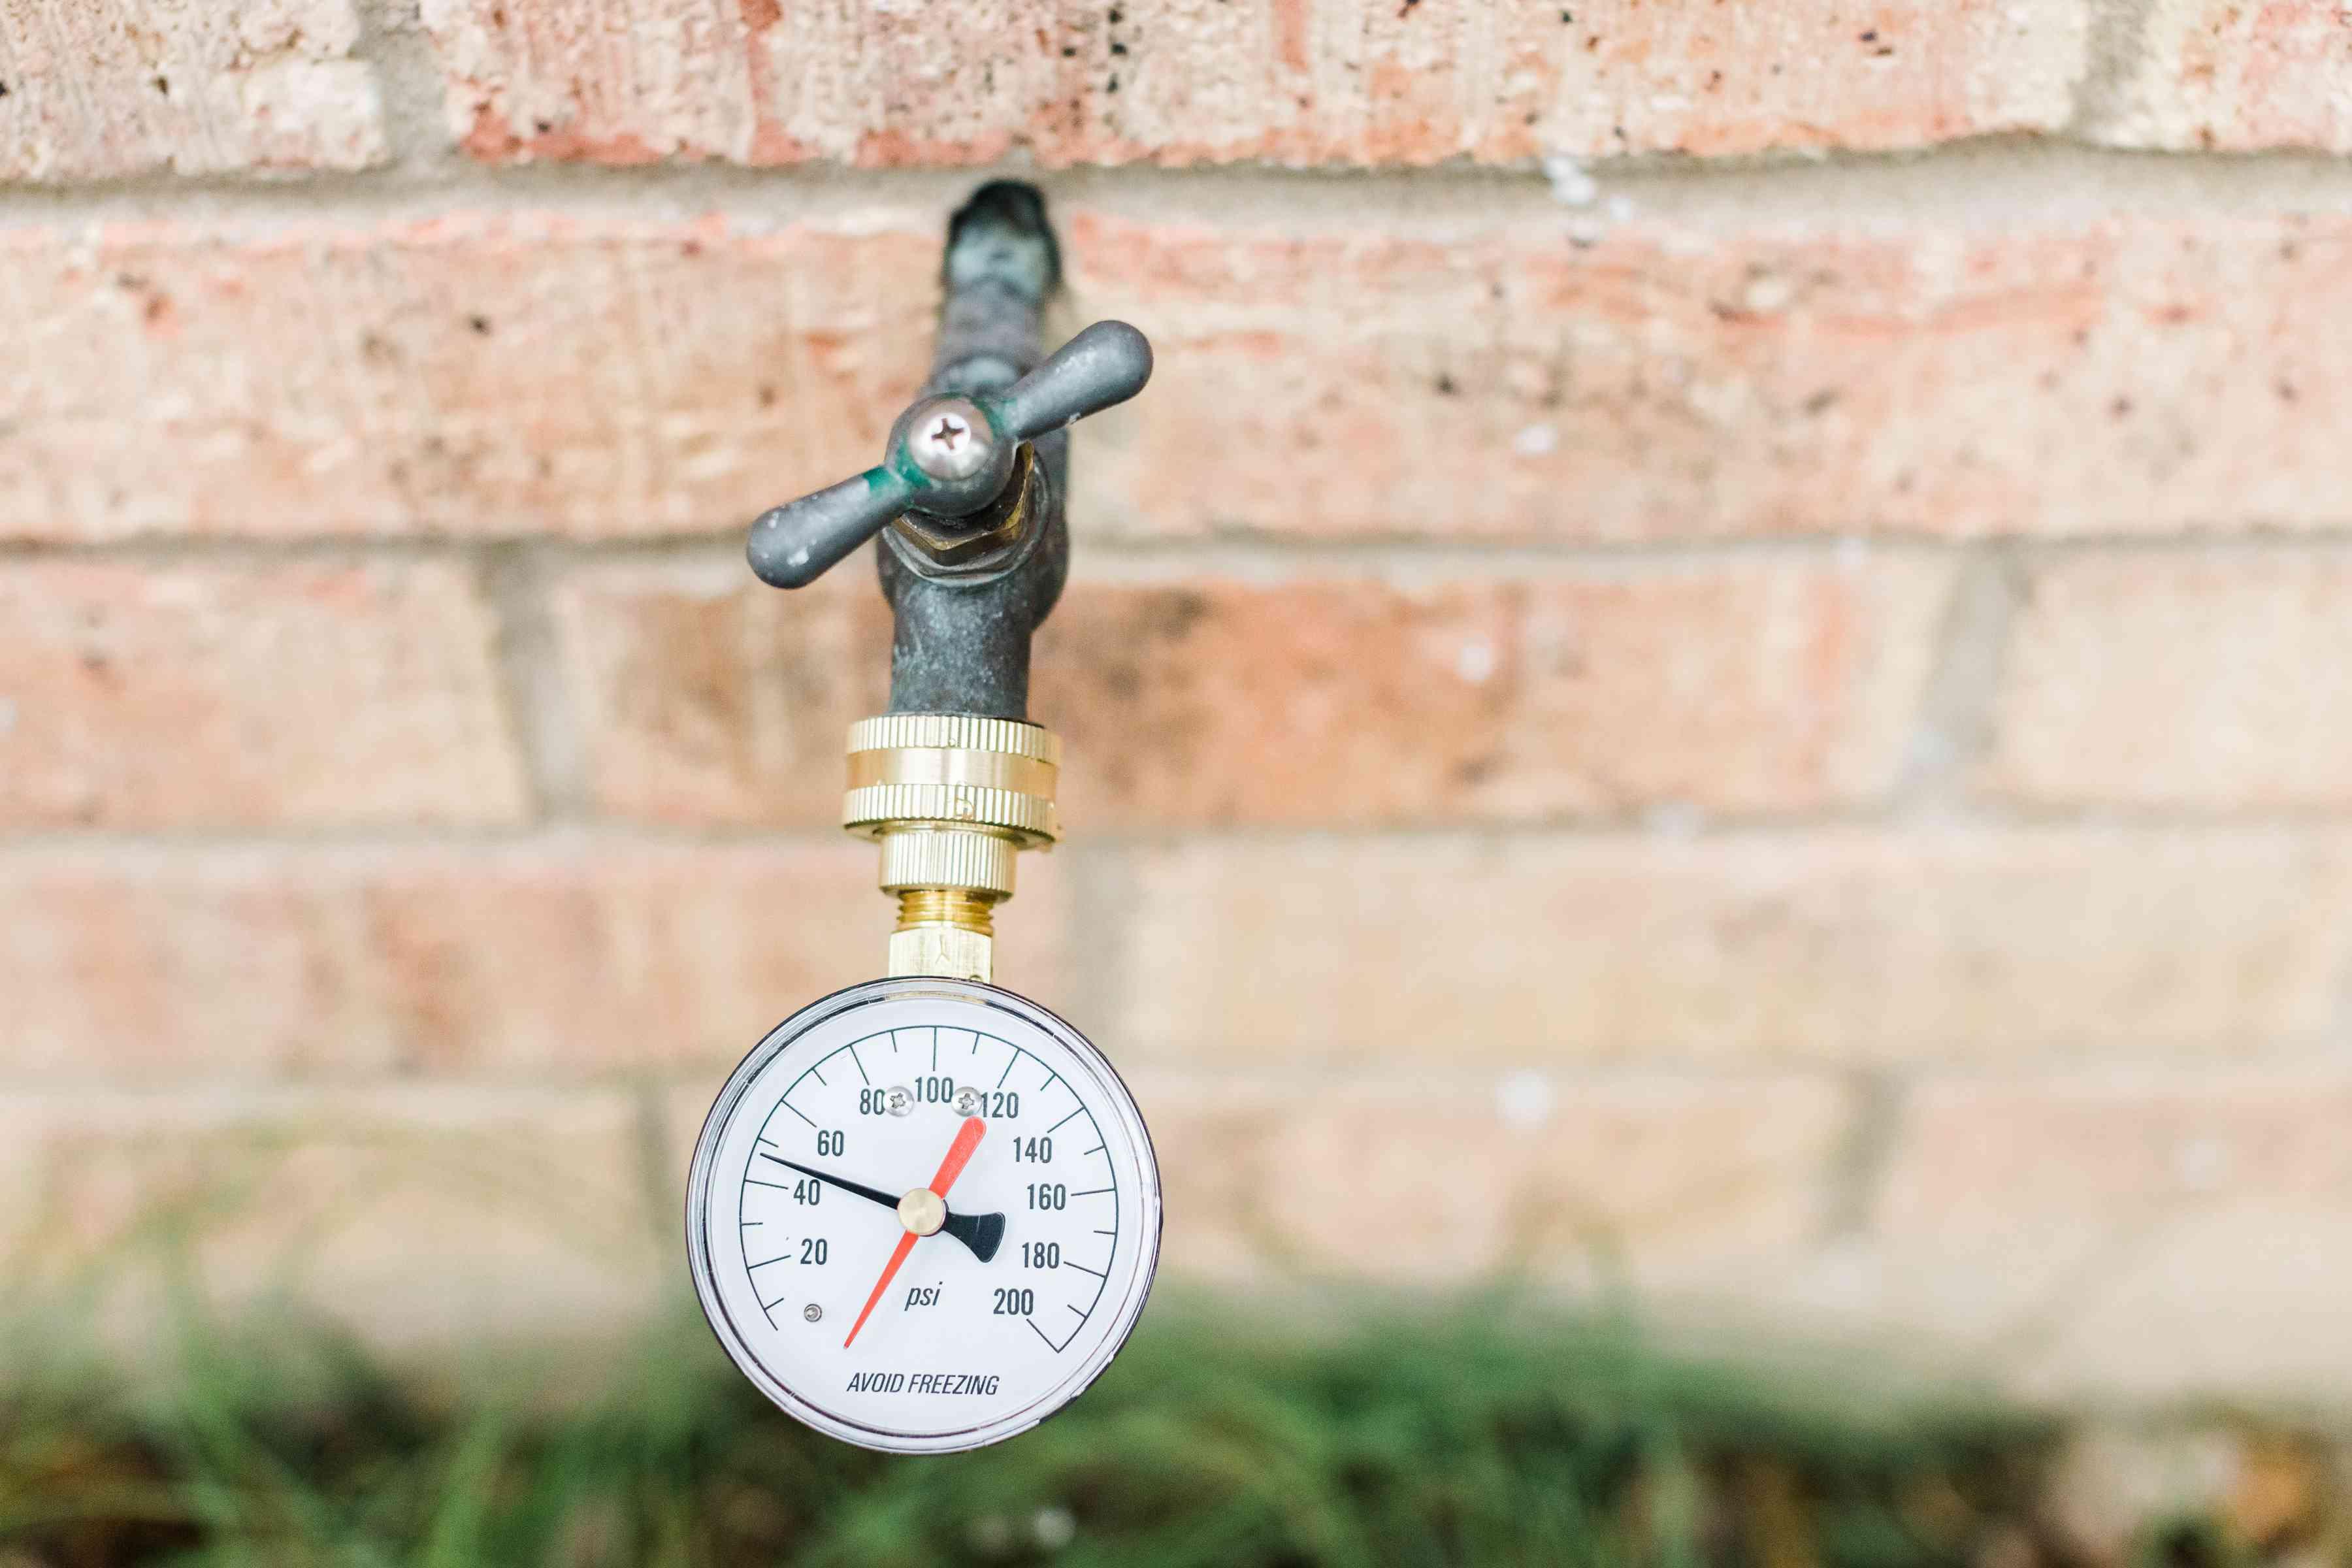 Water pressure gauge measuring pressure on outdoor faucet